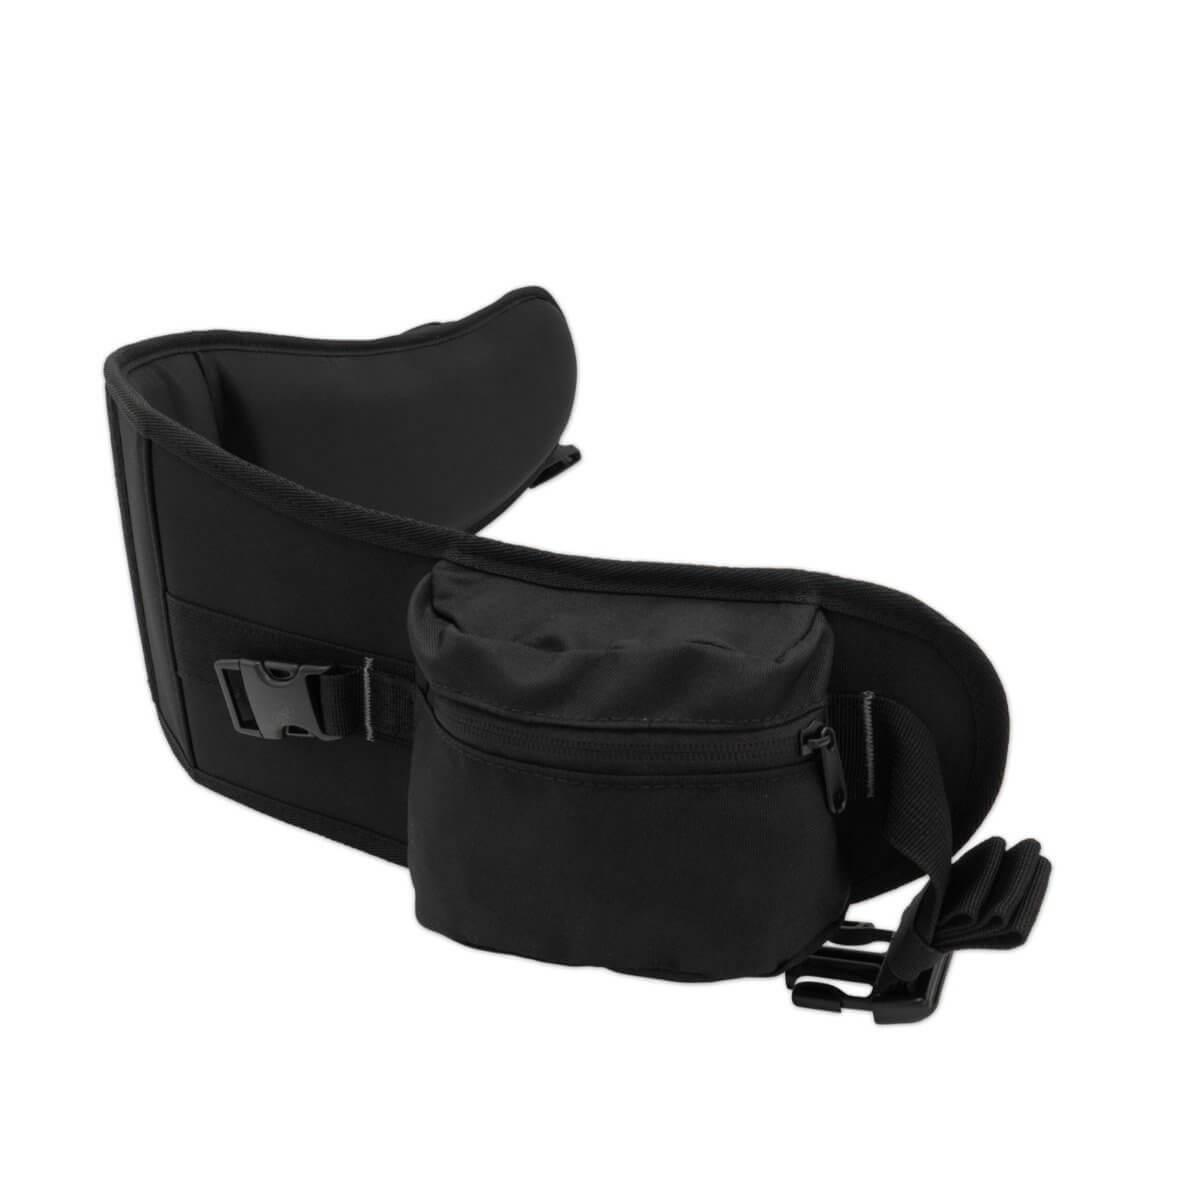 Bucket Style Bags